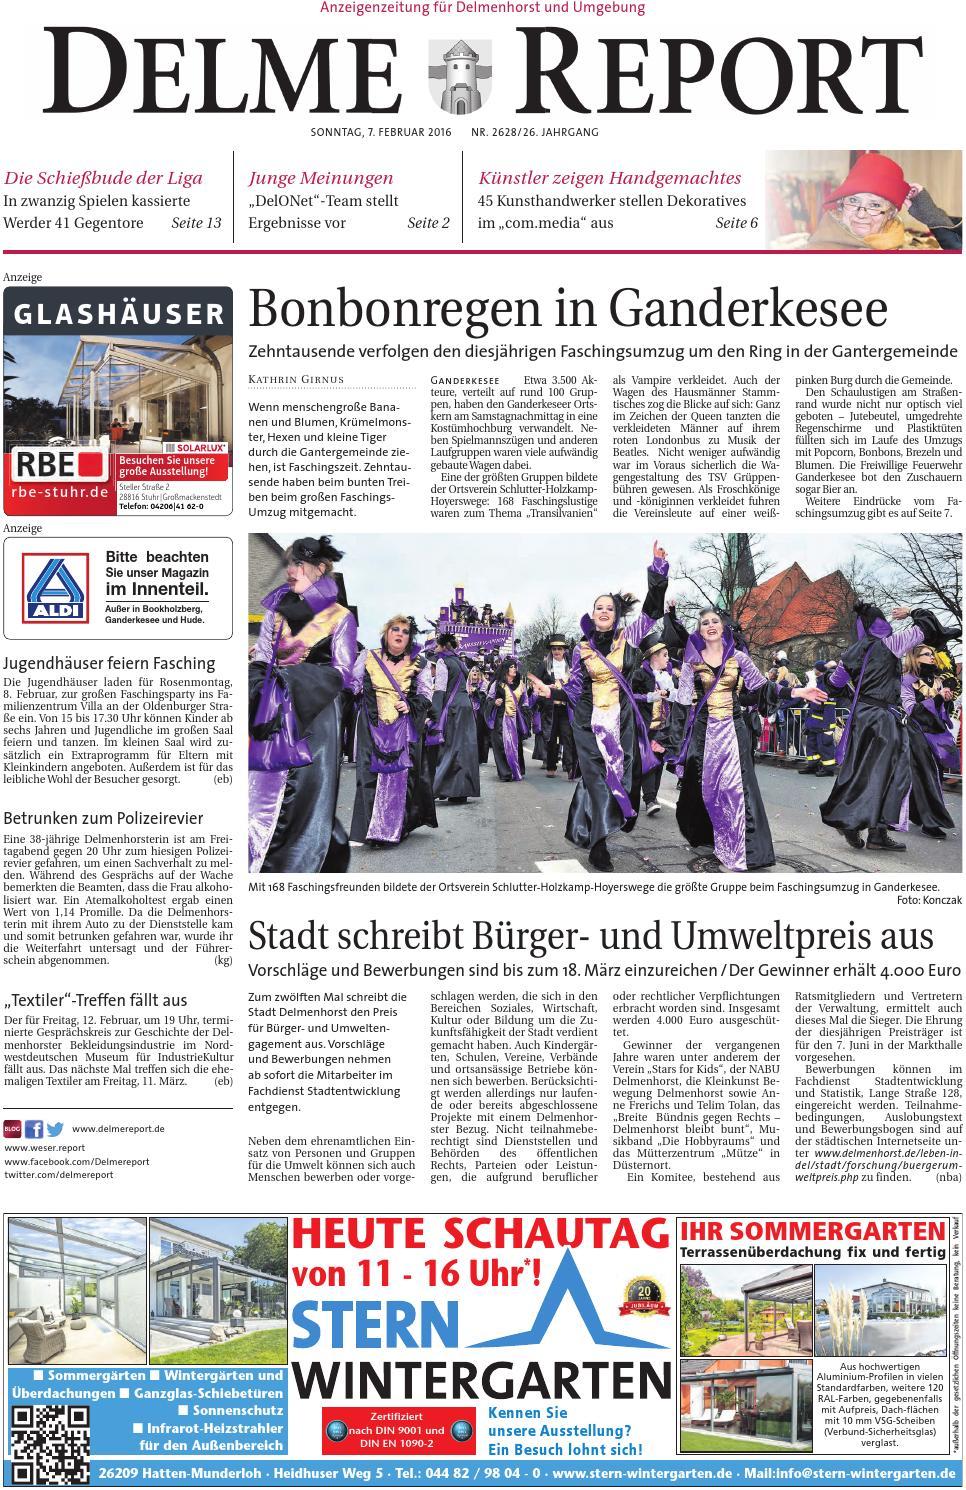 Full Size of Delme Report Vom 07022016 By Kps Verlagsgesellschaft Mbh Relaxsessel Garten Aldi Wohnzimmer Küchenläufer Aldi